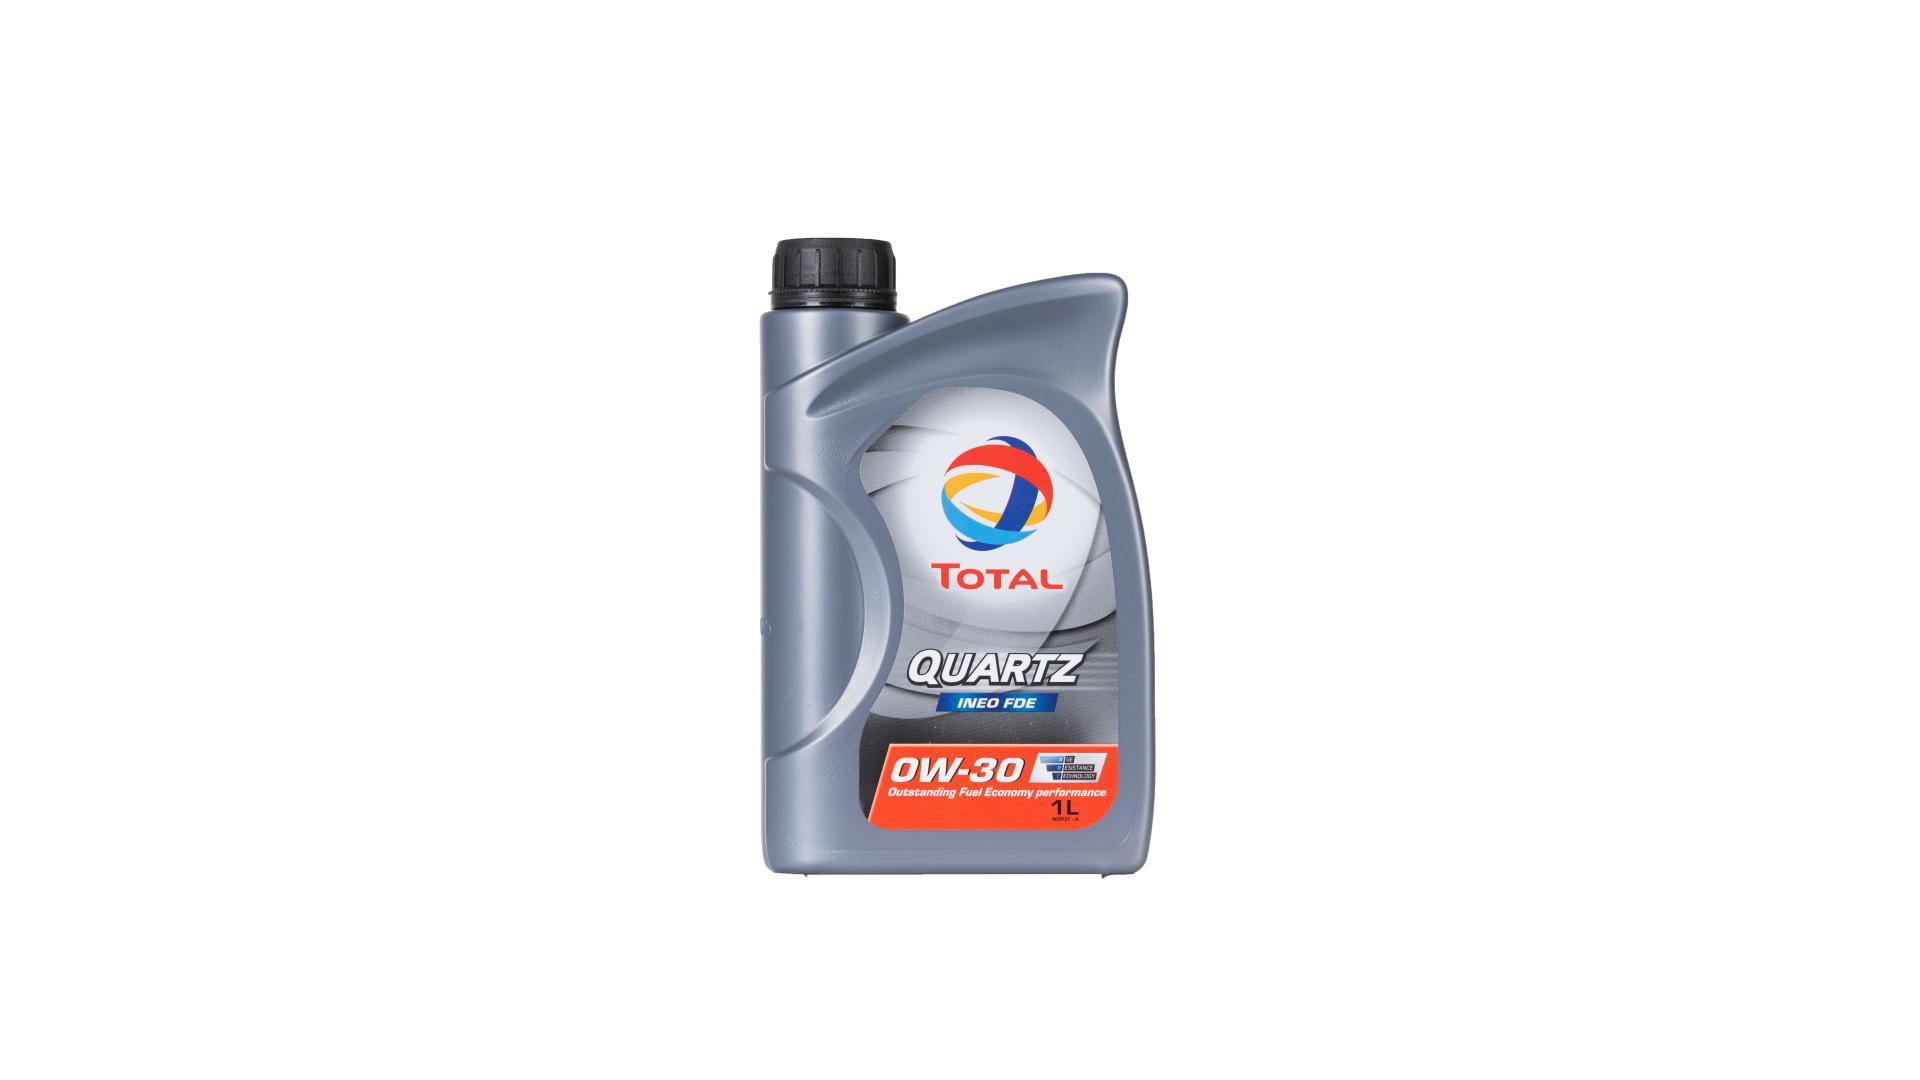 TOTAL 0w-30 Quartz ineo FDE 1L (205312)